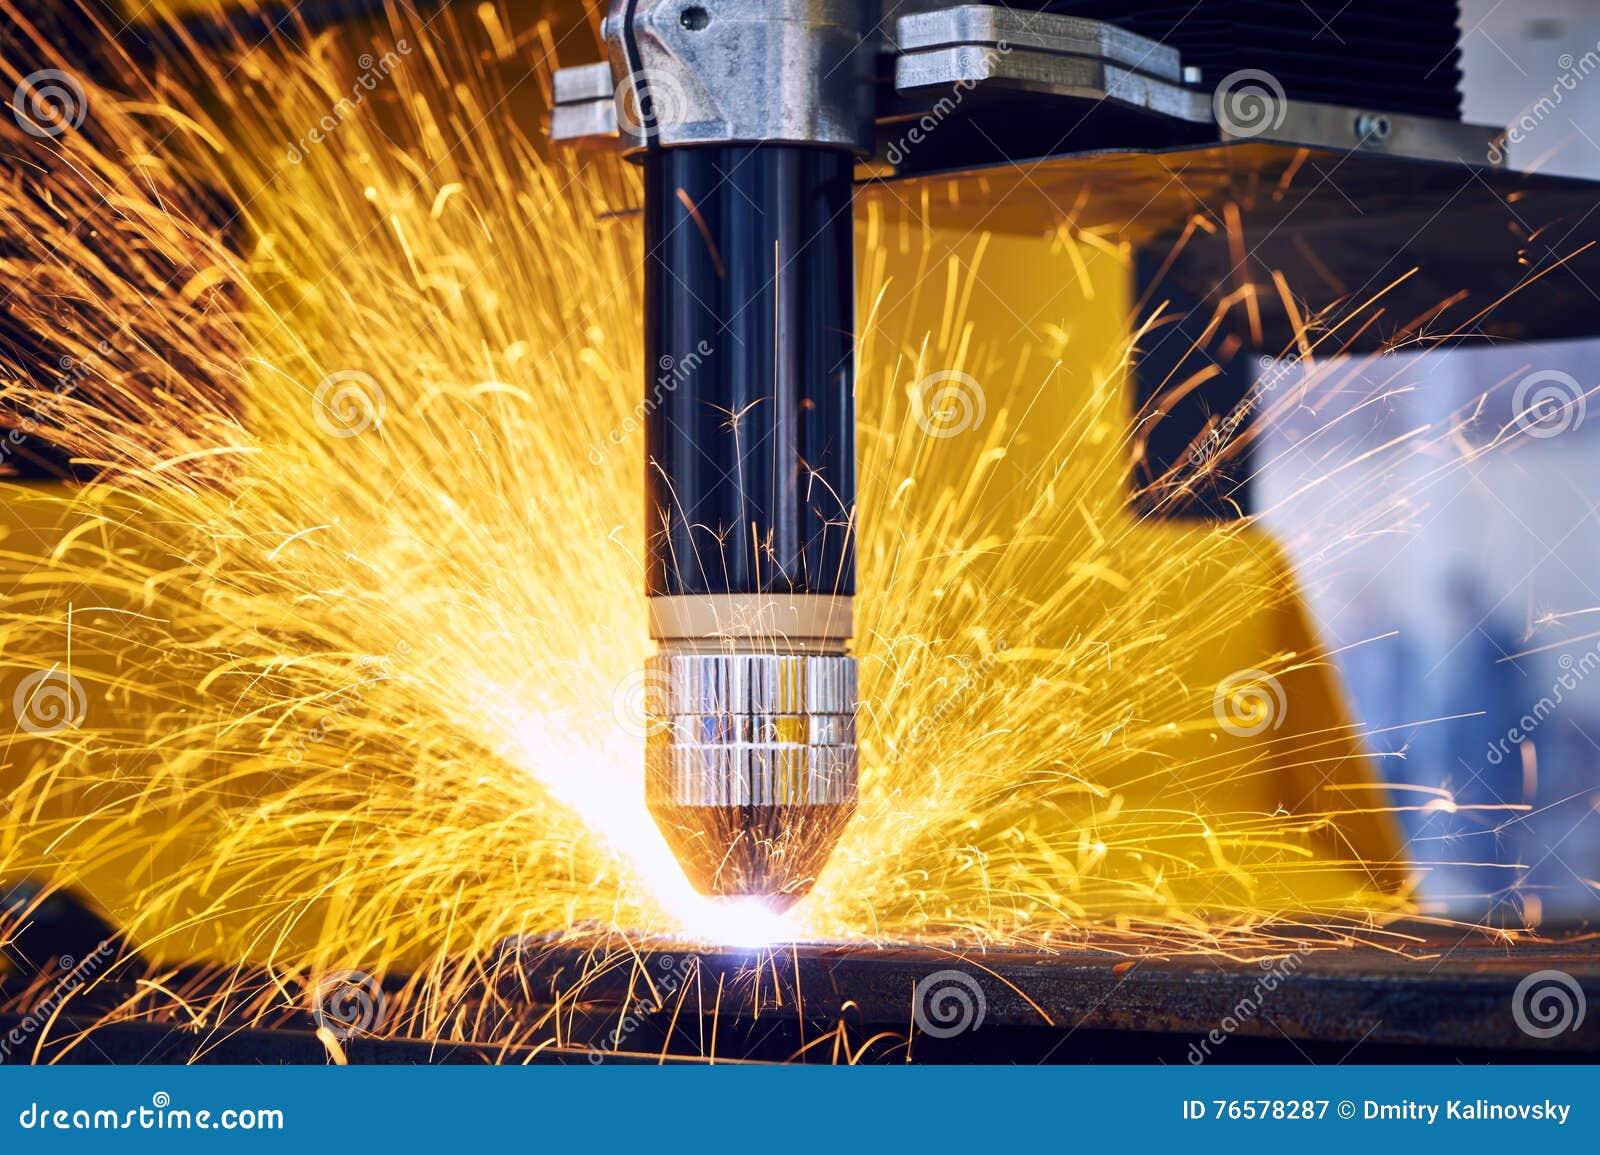 Лазер или механическая обработка вырезывания плазмы с искрами